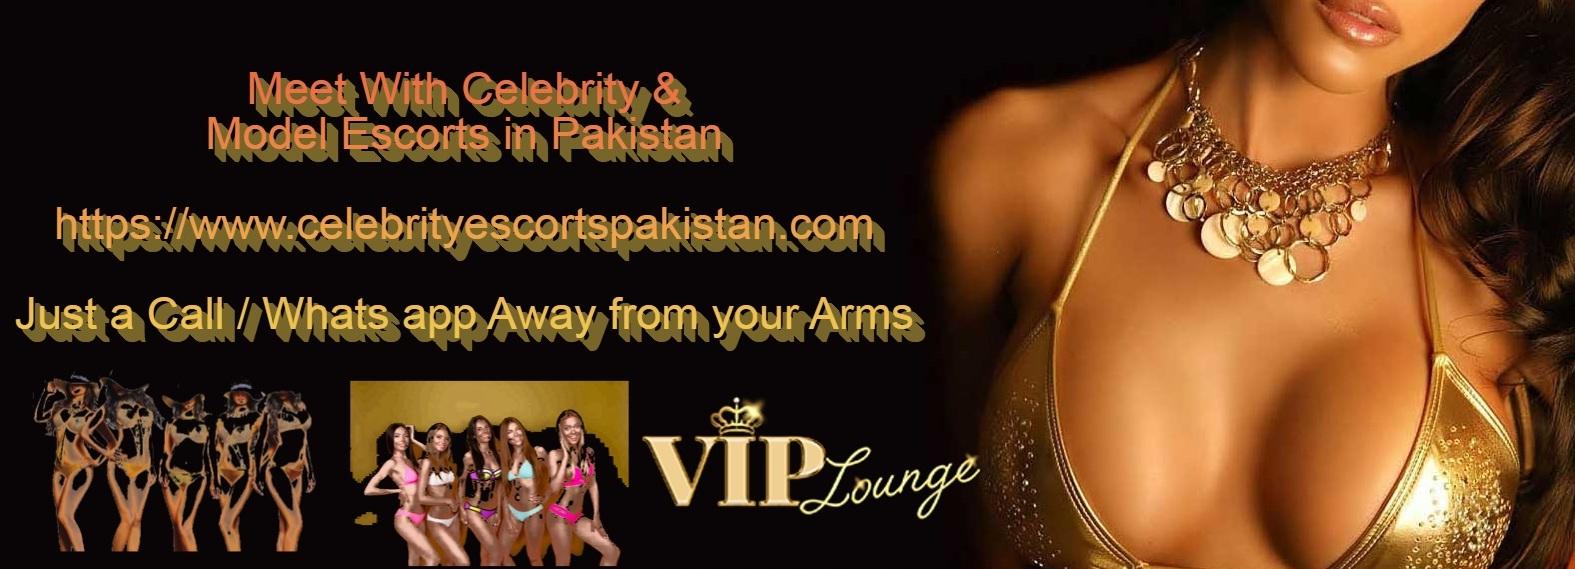 Celebrityescortspakistan